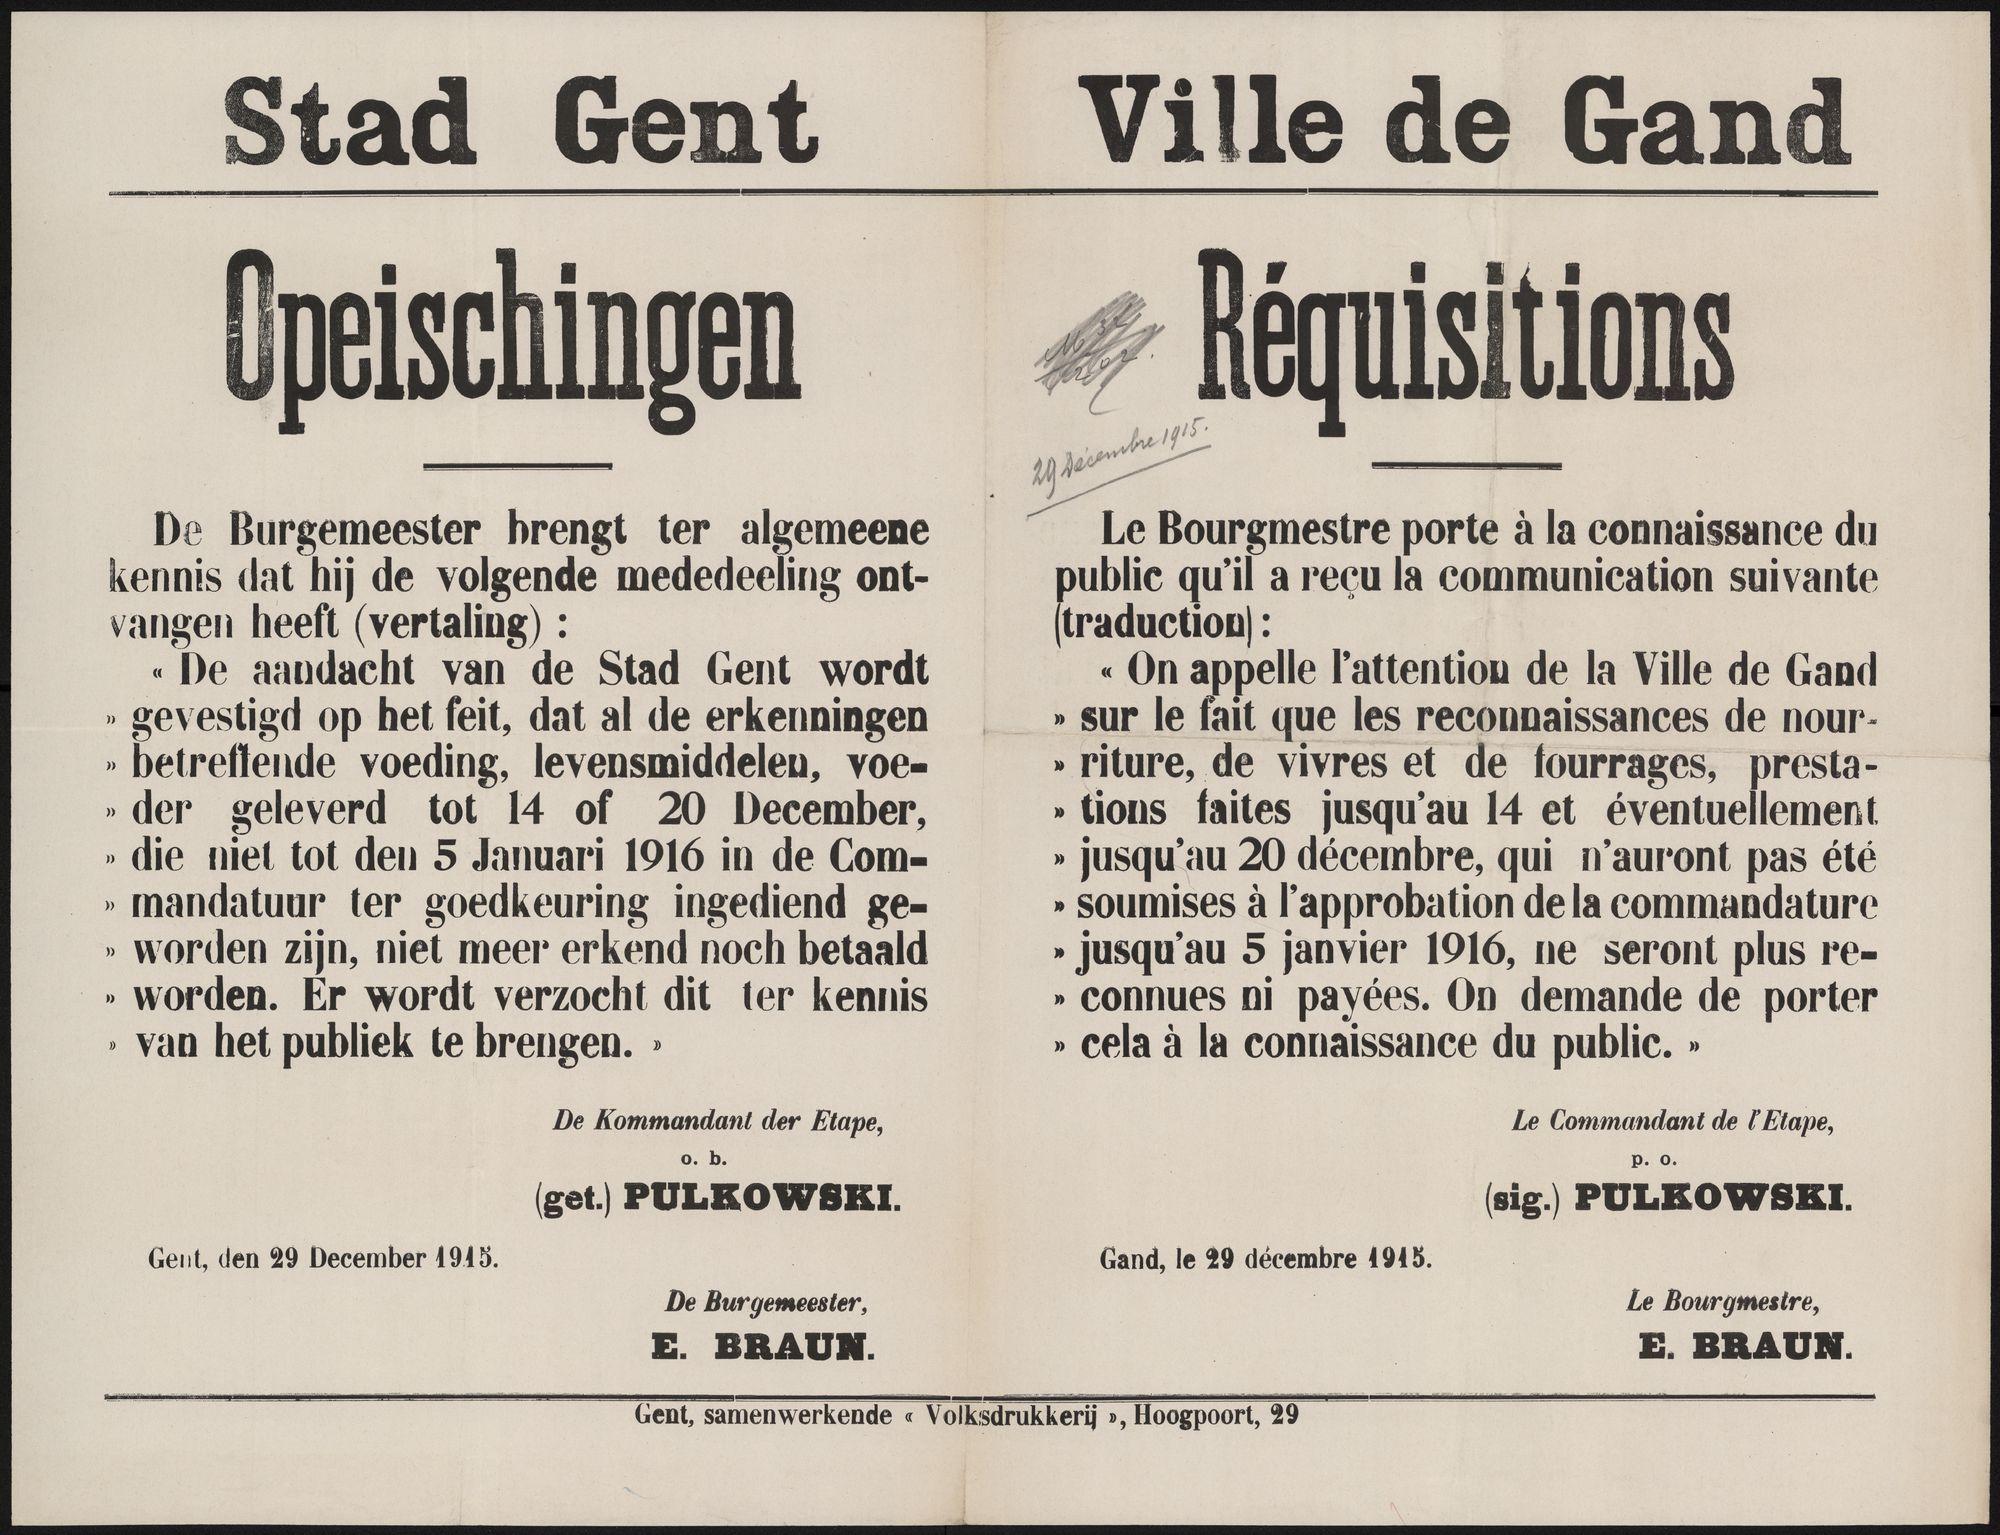 Stad Gent, Opeischingen | Ville de Gand, Réquisitions.